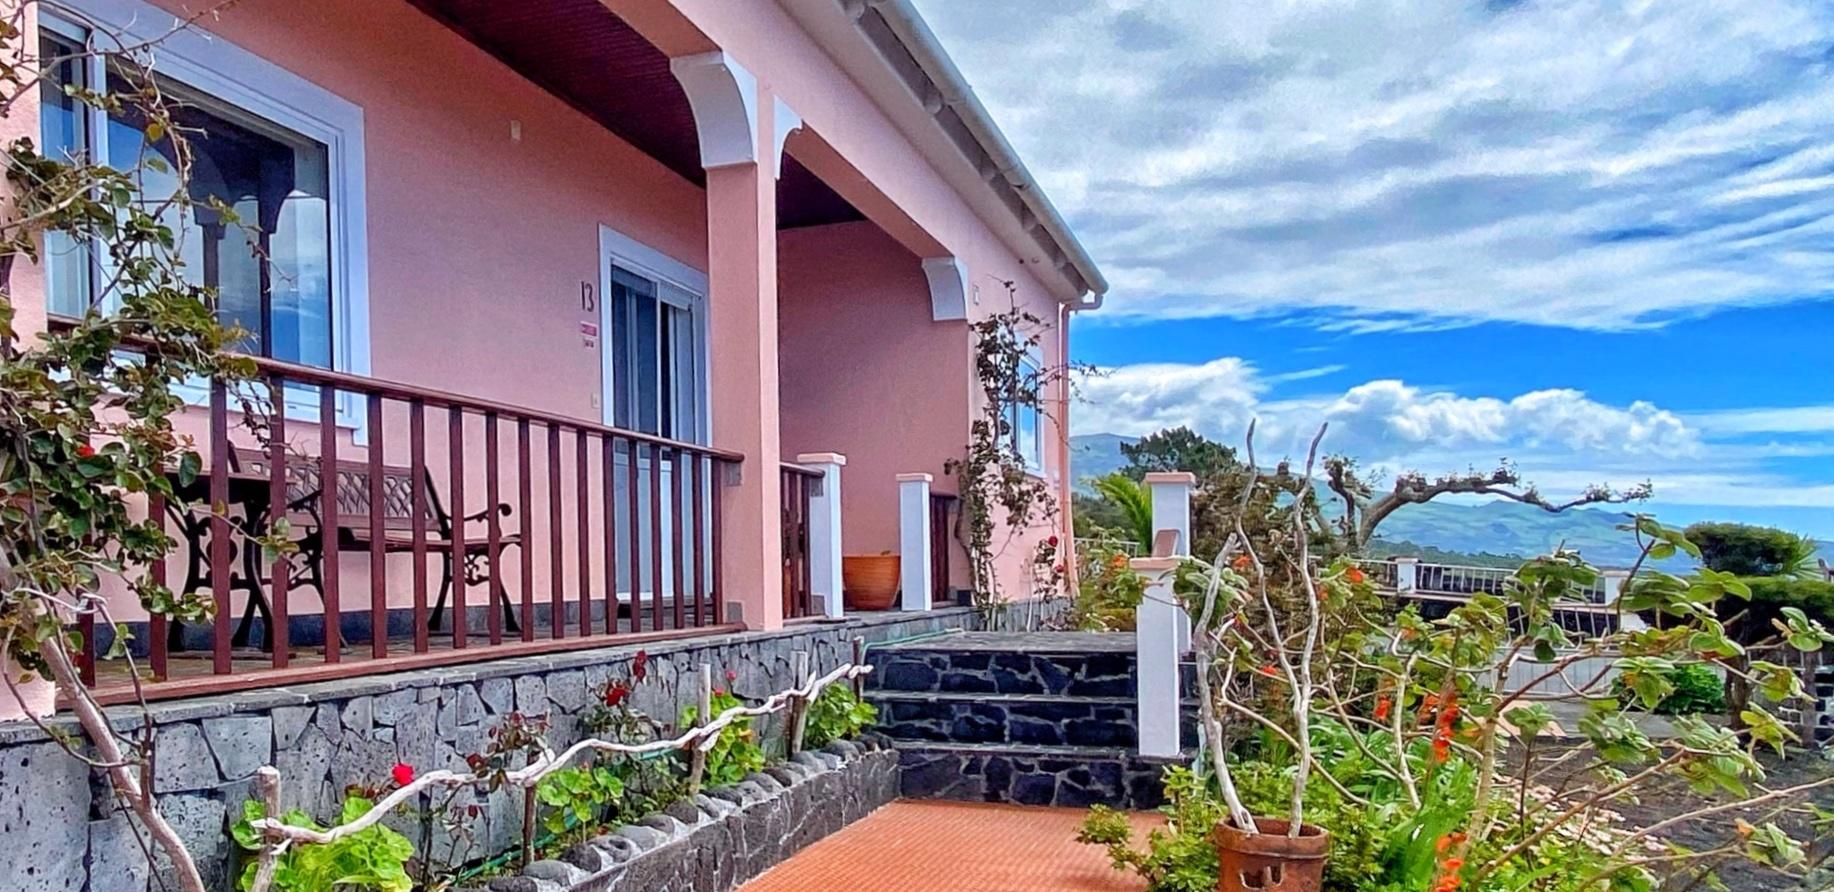 Miradouro Da Papalva Guest House Pico